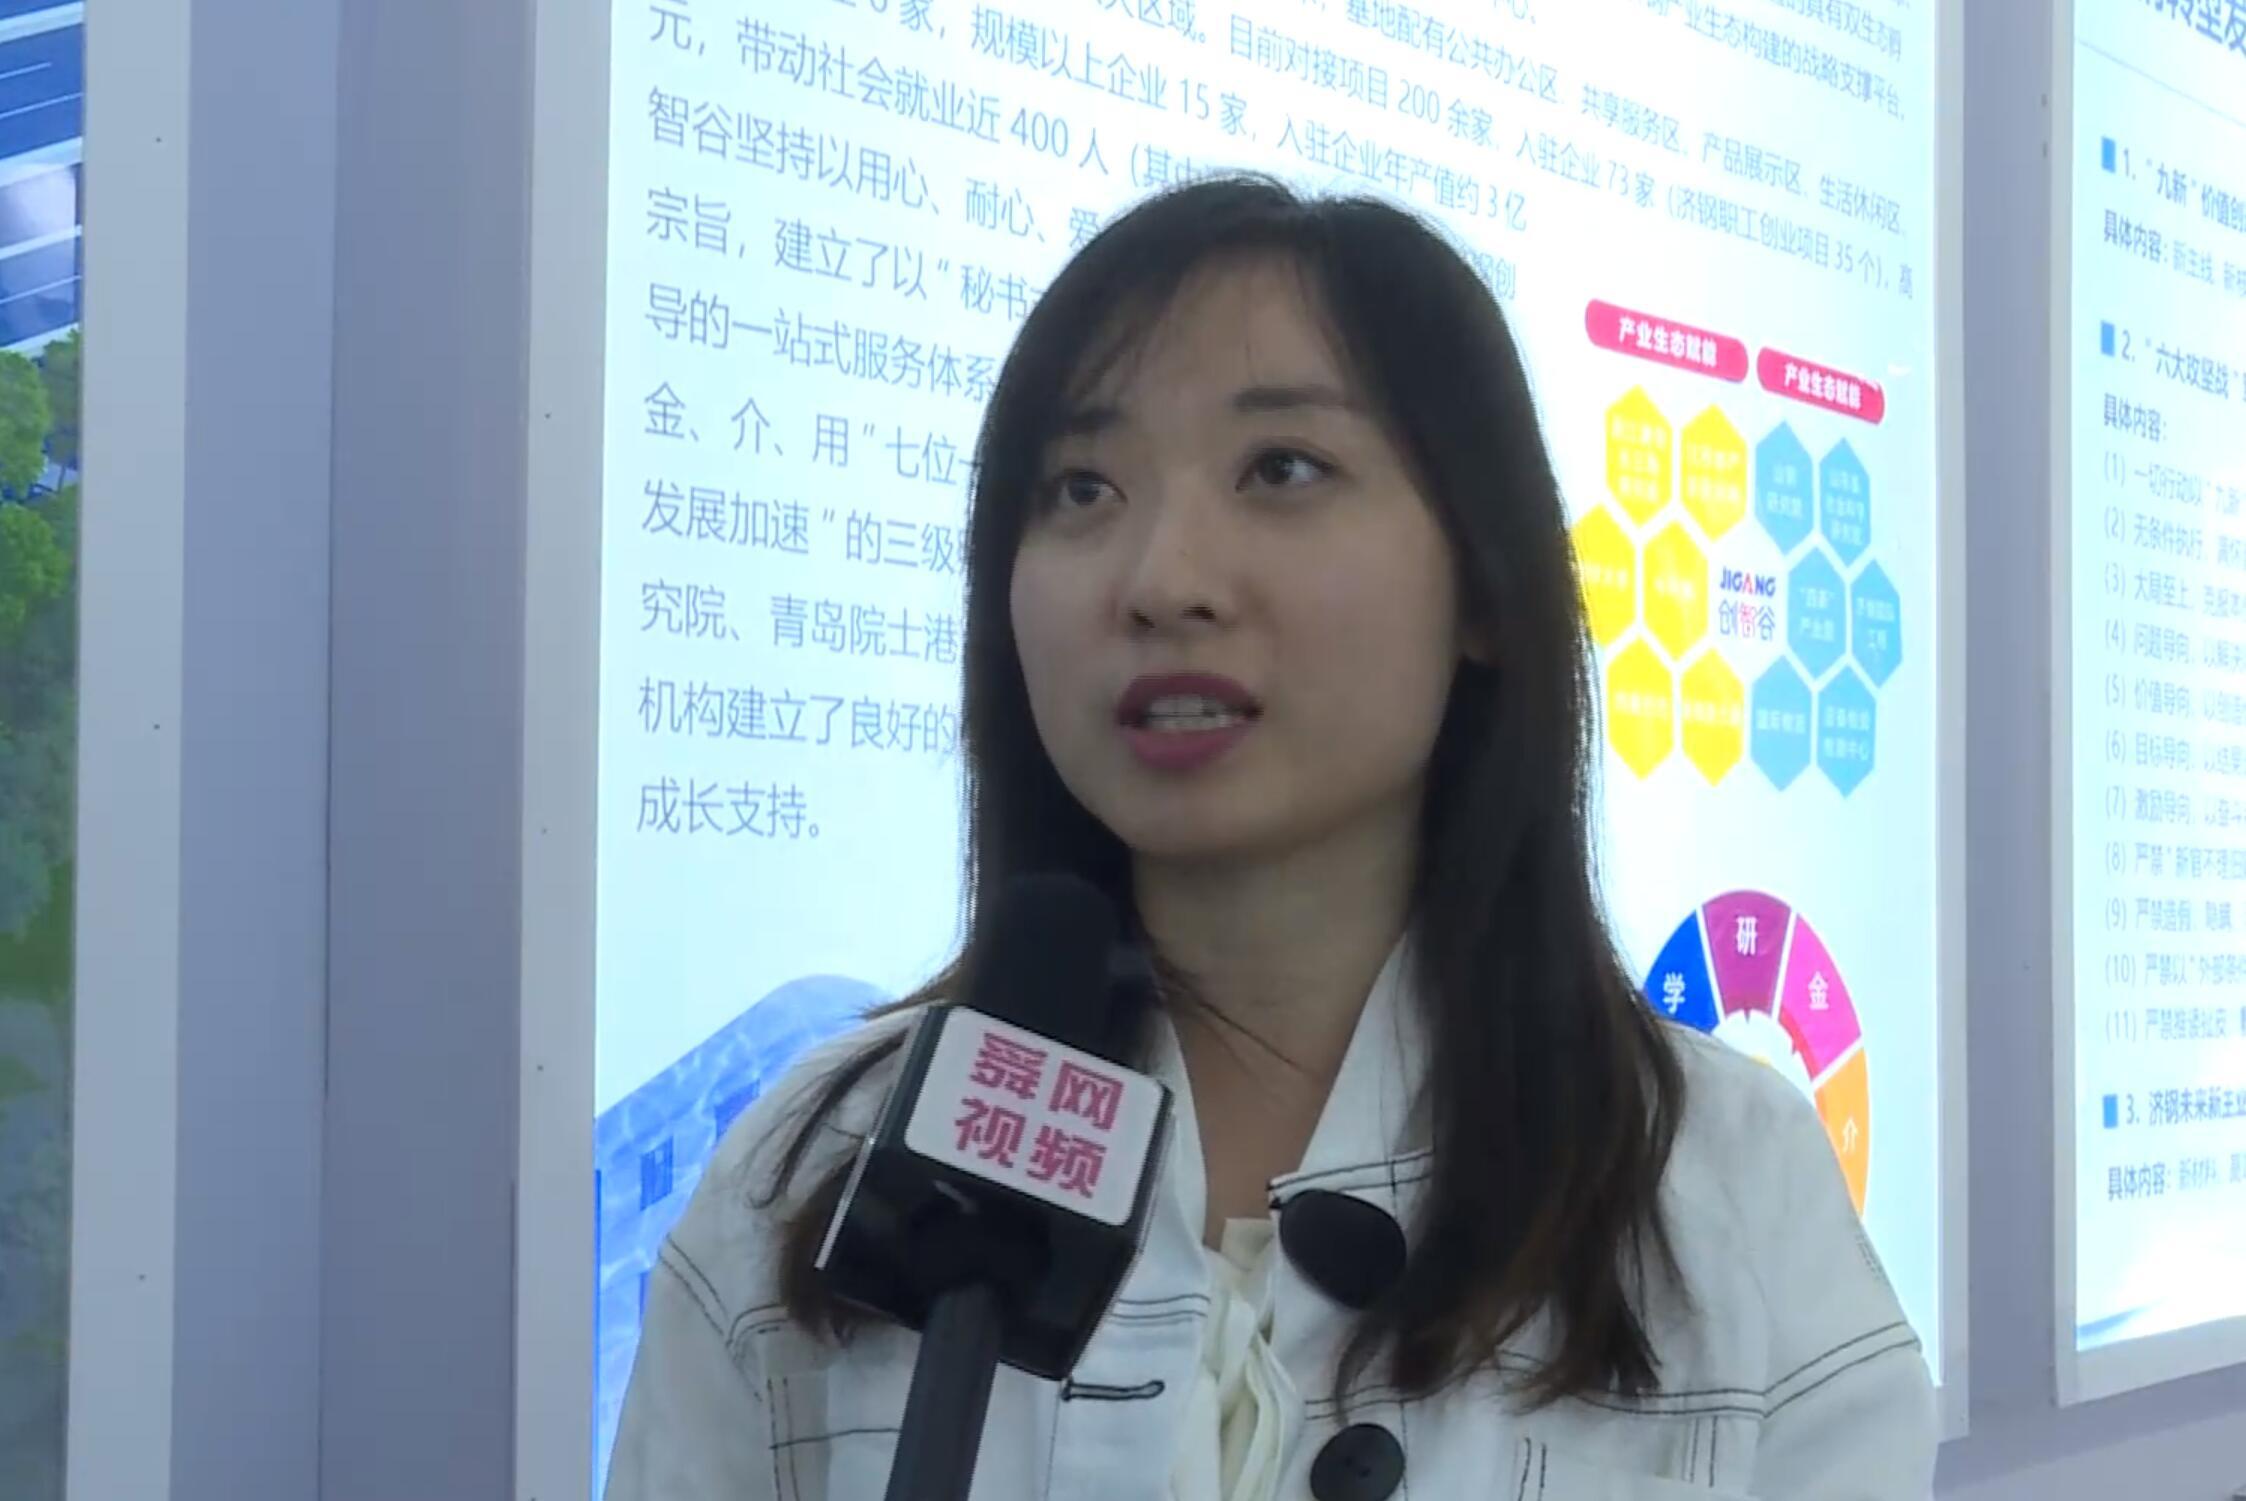 济南创智谷刘倩:实体经济与电子商务有机融合 创智谷应运而生